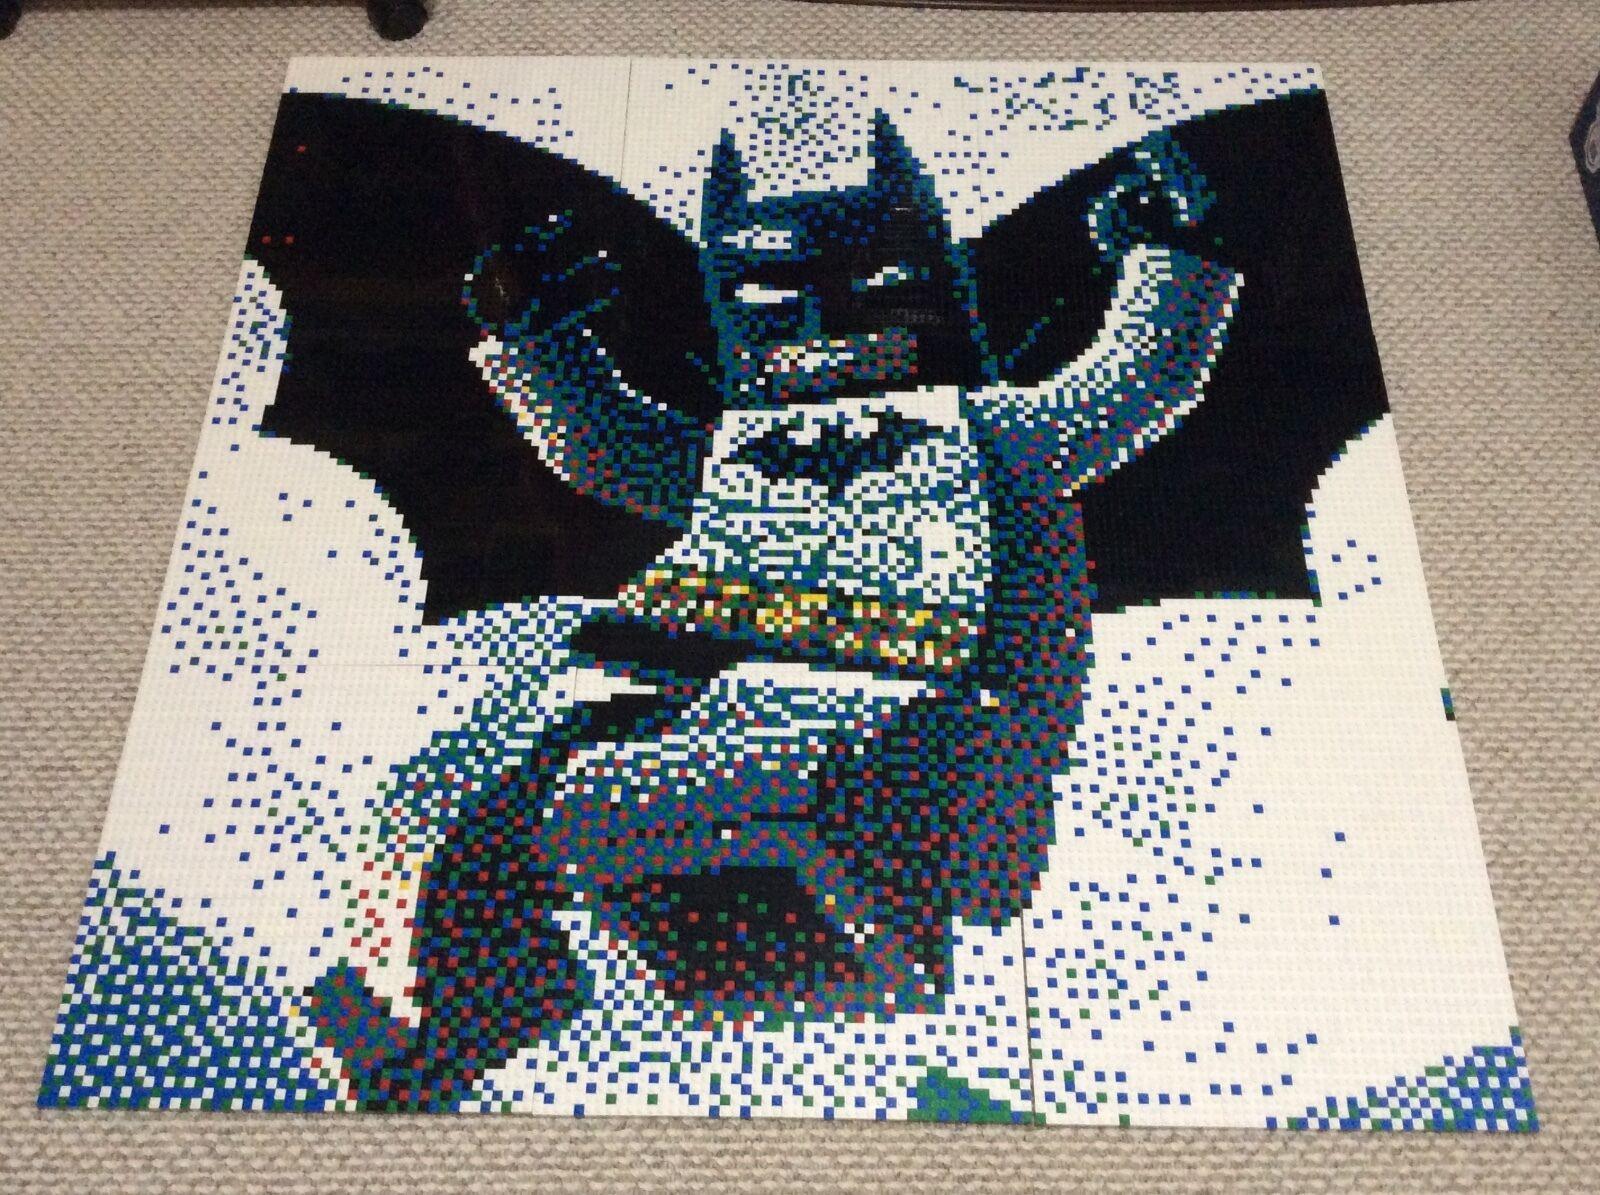 LEGO BATMAN MOSAIC 45 X45